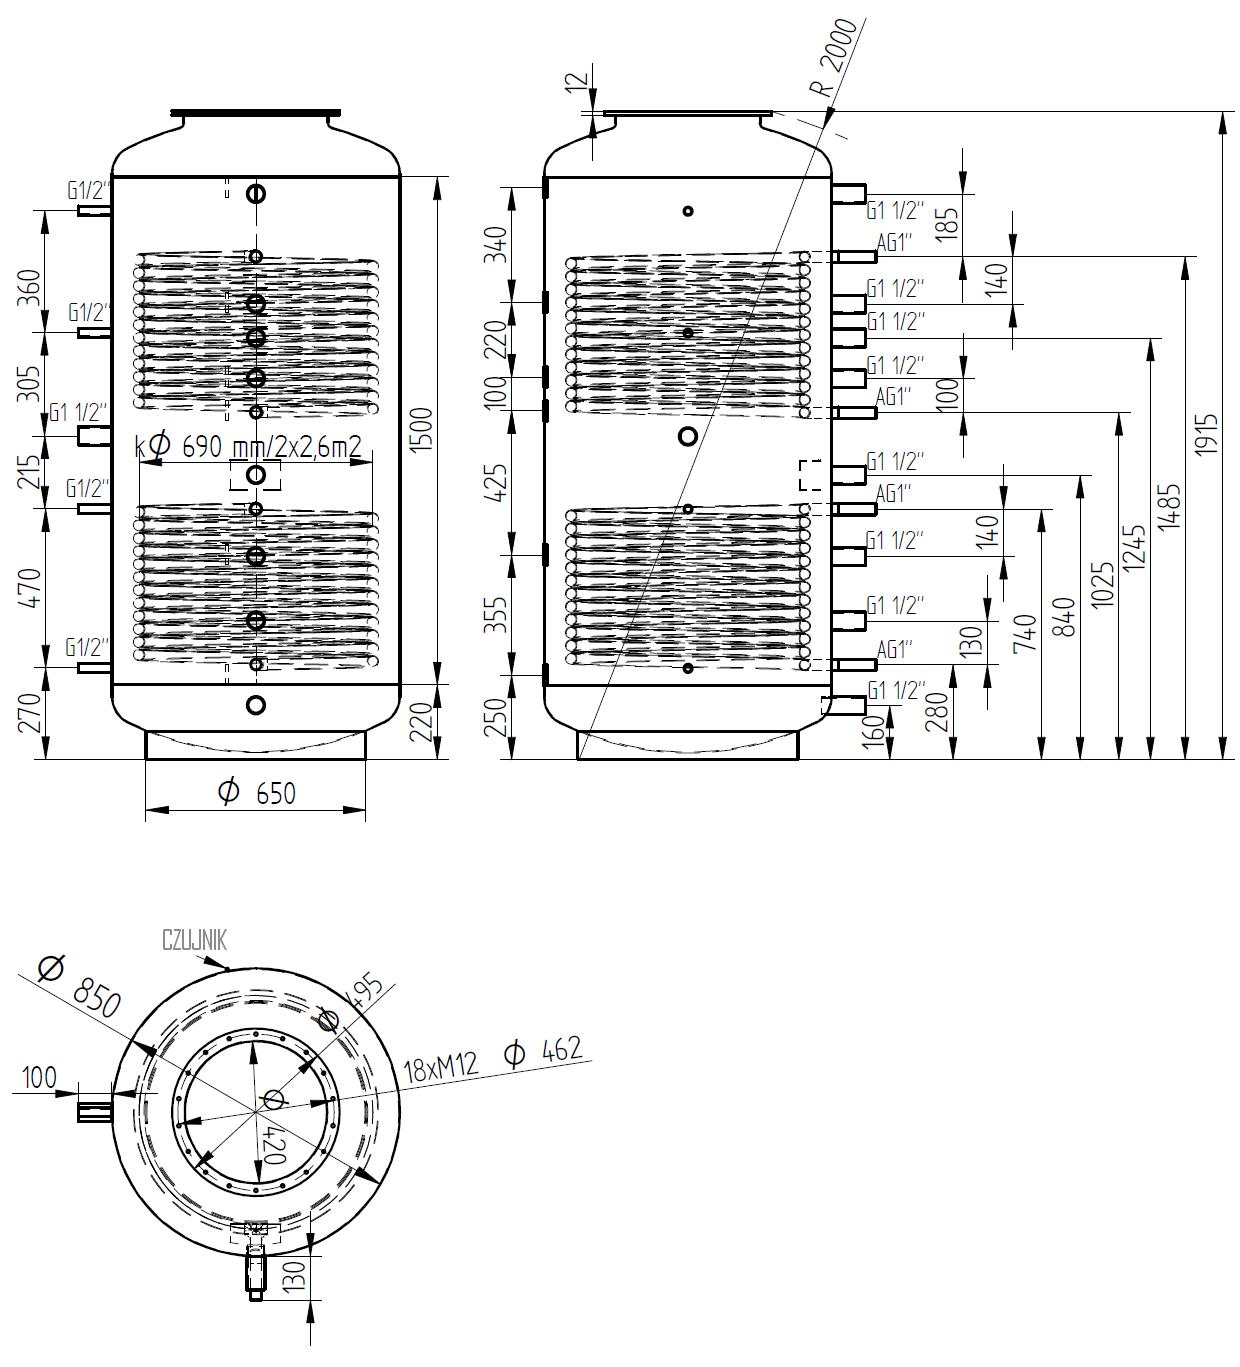 zbiornik buforowy kombinowany 1000l d850 z dwoma wymiennikami